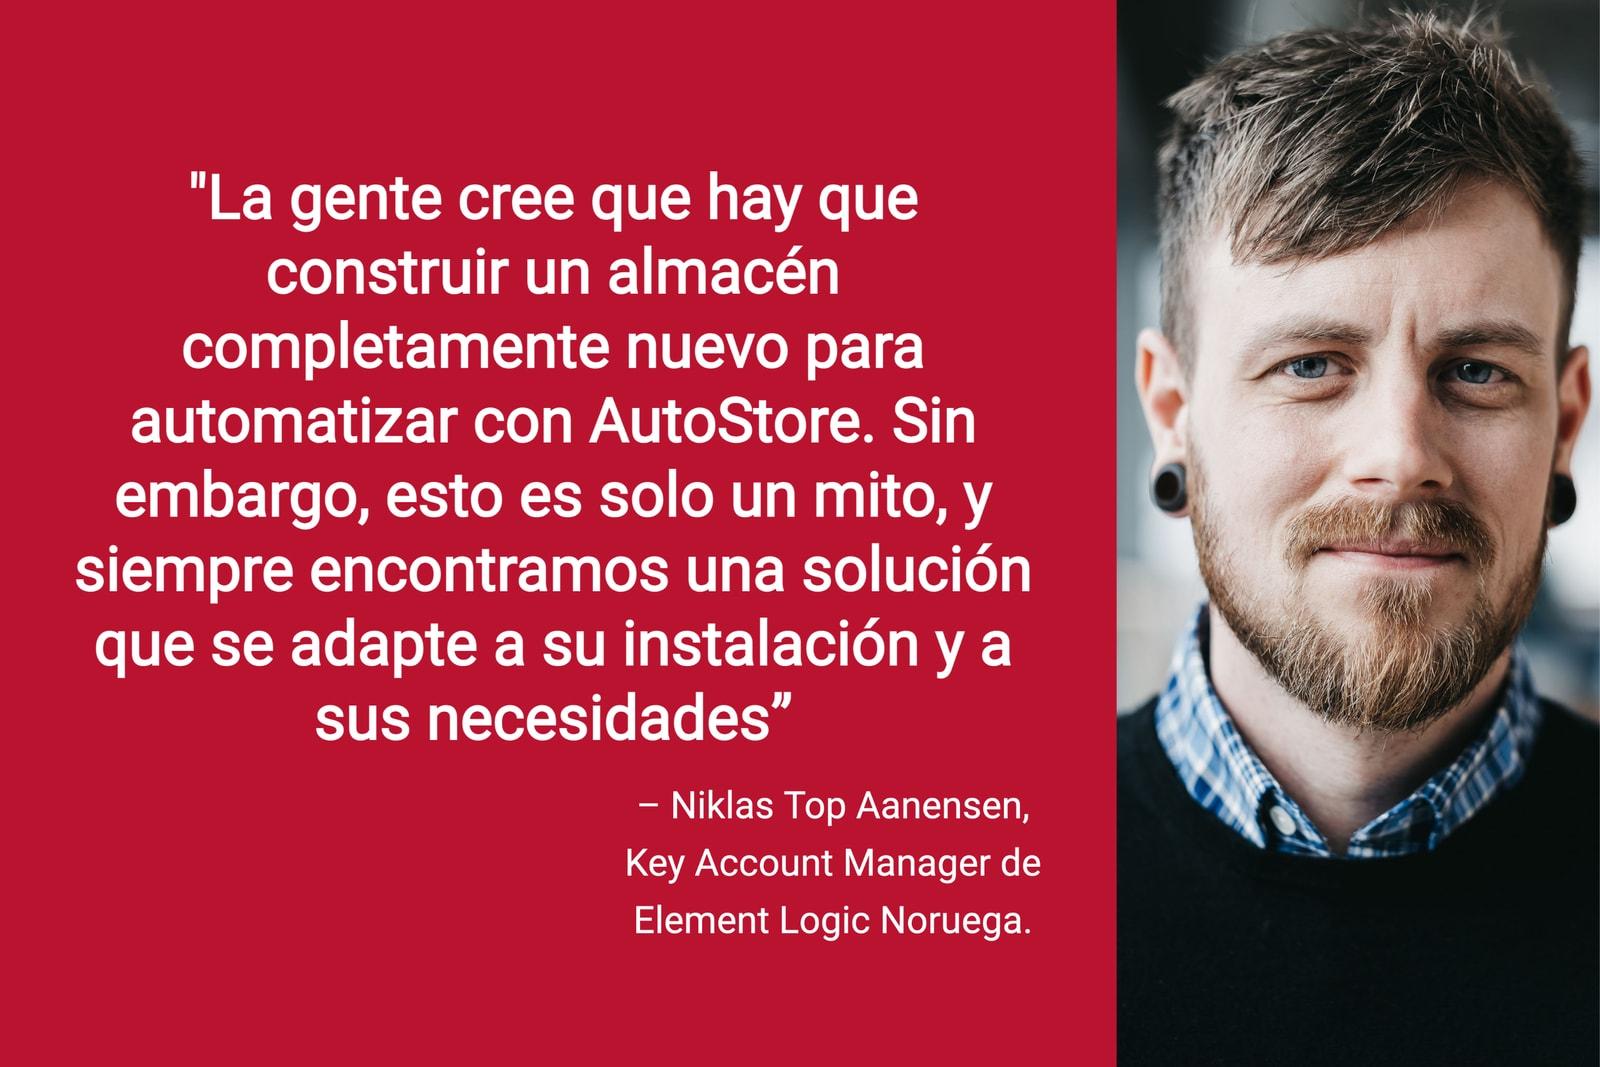 """Niklas Top Aanensen, Key Account Manager de Noruega junto a su cita """"La gente cree que hay que construir un almacén completamente nuevo para automatizar con AutoStore. Sin embargo, esto es solo un mito, y siempre encontramos una solución que se adapte a su instalación y a sus necesidades"""" en letras blancas sobre fondo rojo."""